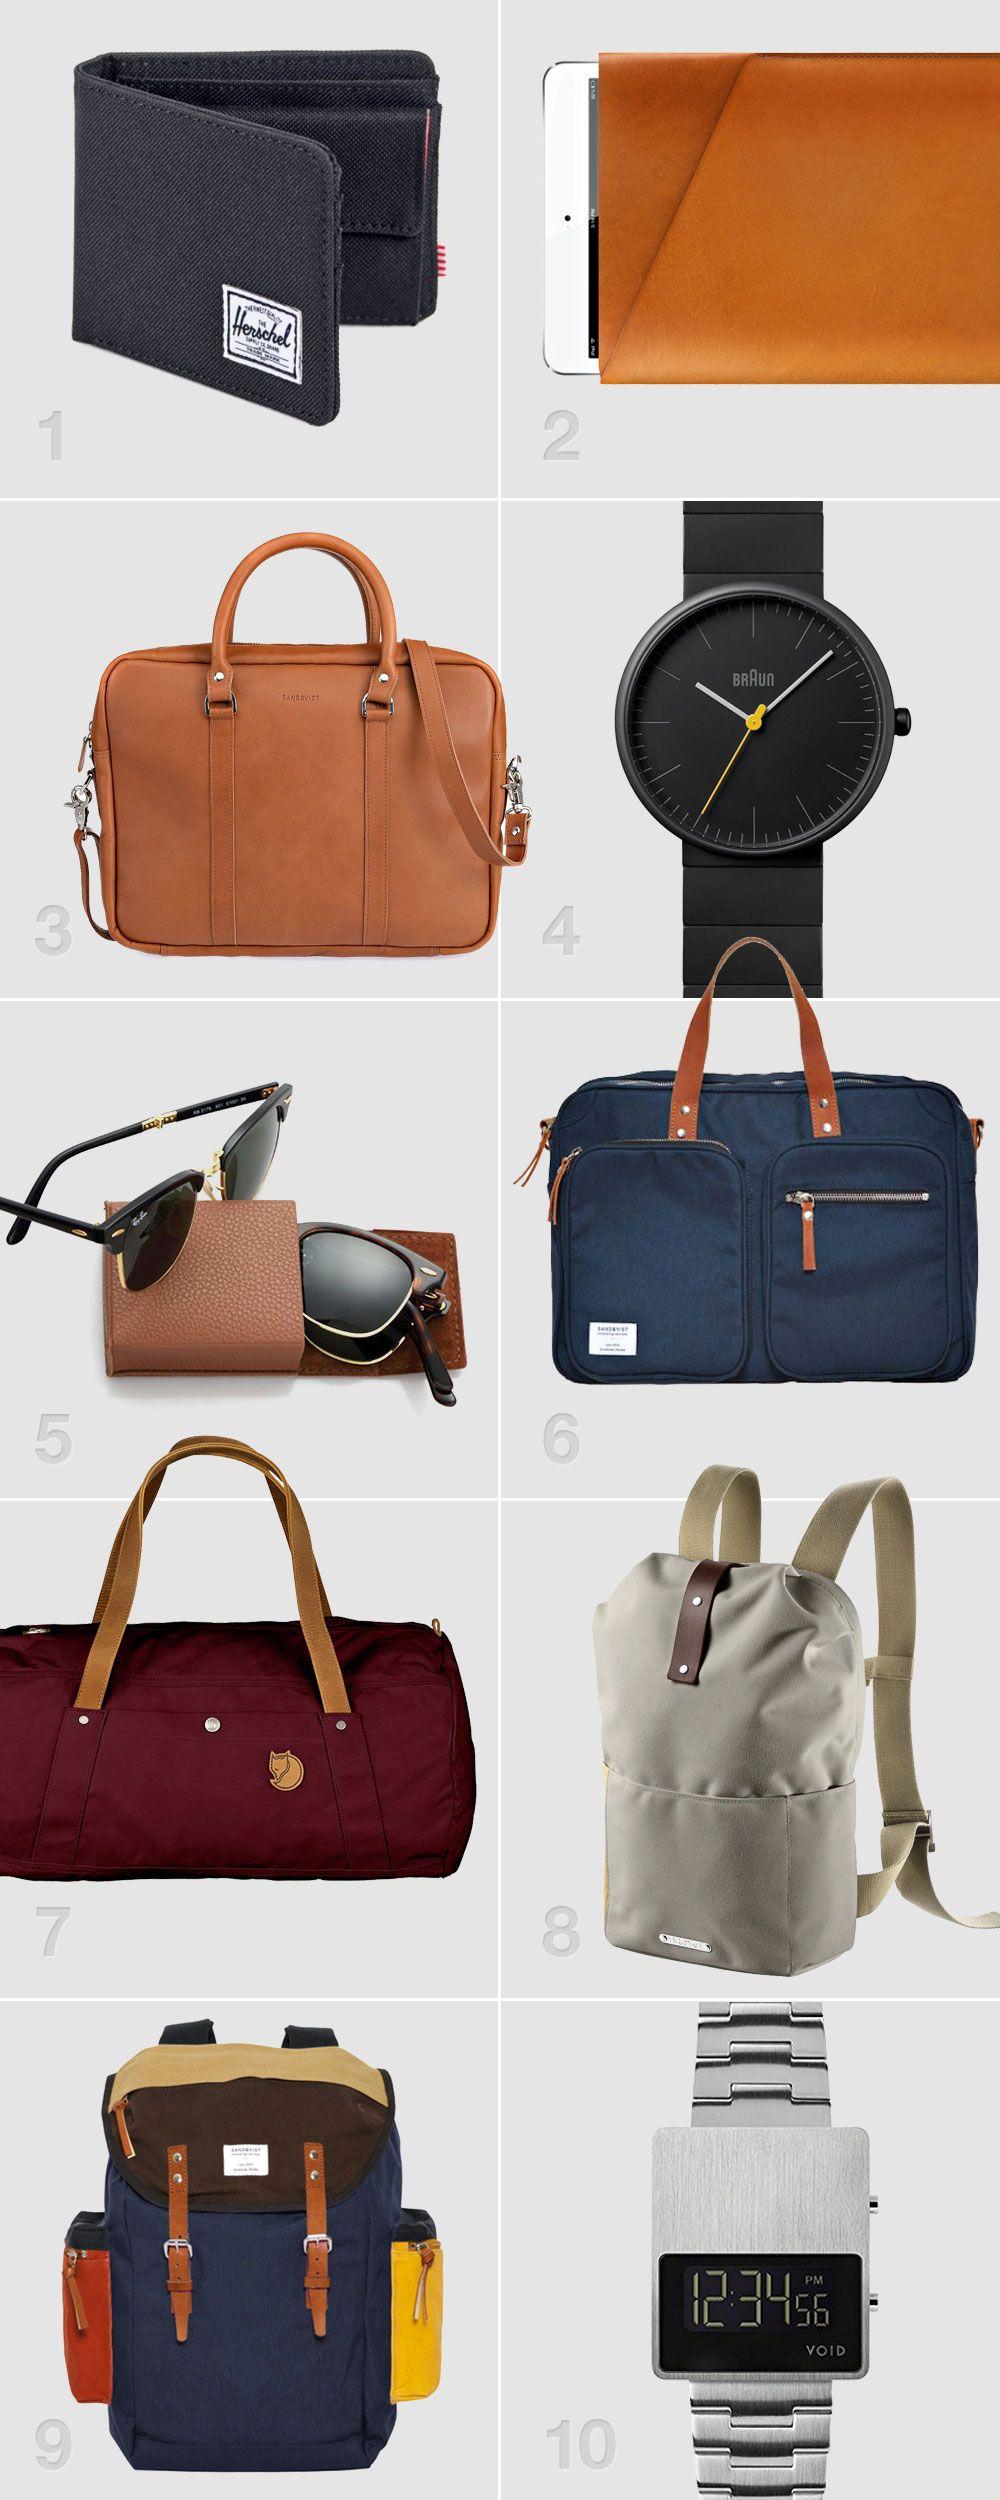 WGT14: Accessoires-Geschenkideen | Pinterest | Rucksäcke, Wgt und ...